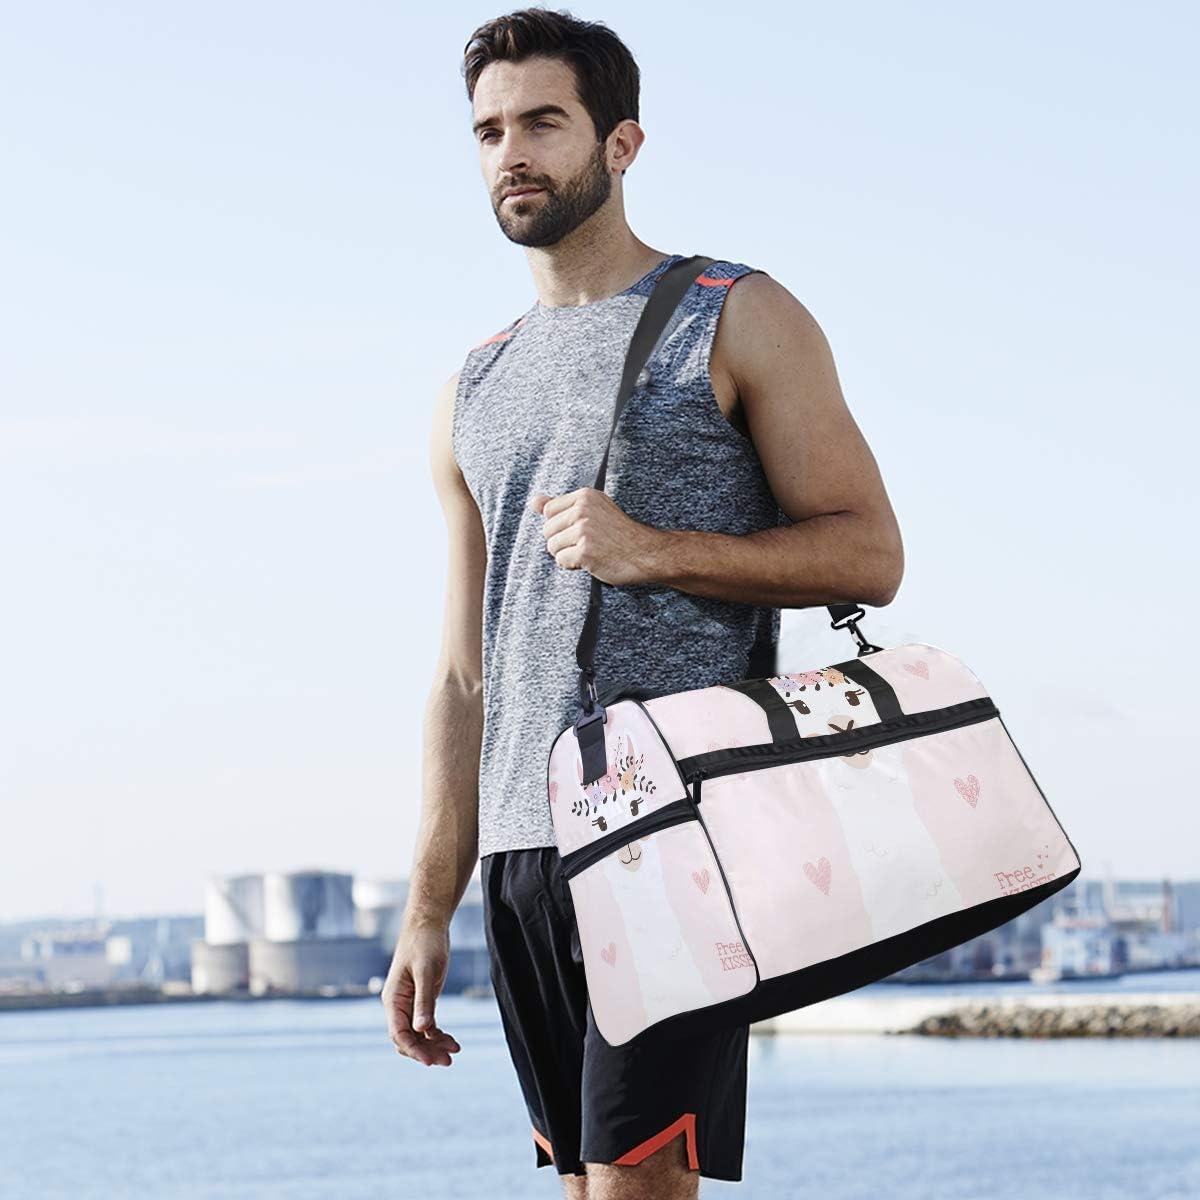 Travel Duffels Cute Llama Head With Flower Crown Duffle Bag Luggage Sports Gym for Women /& Men